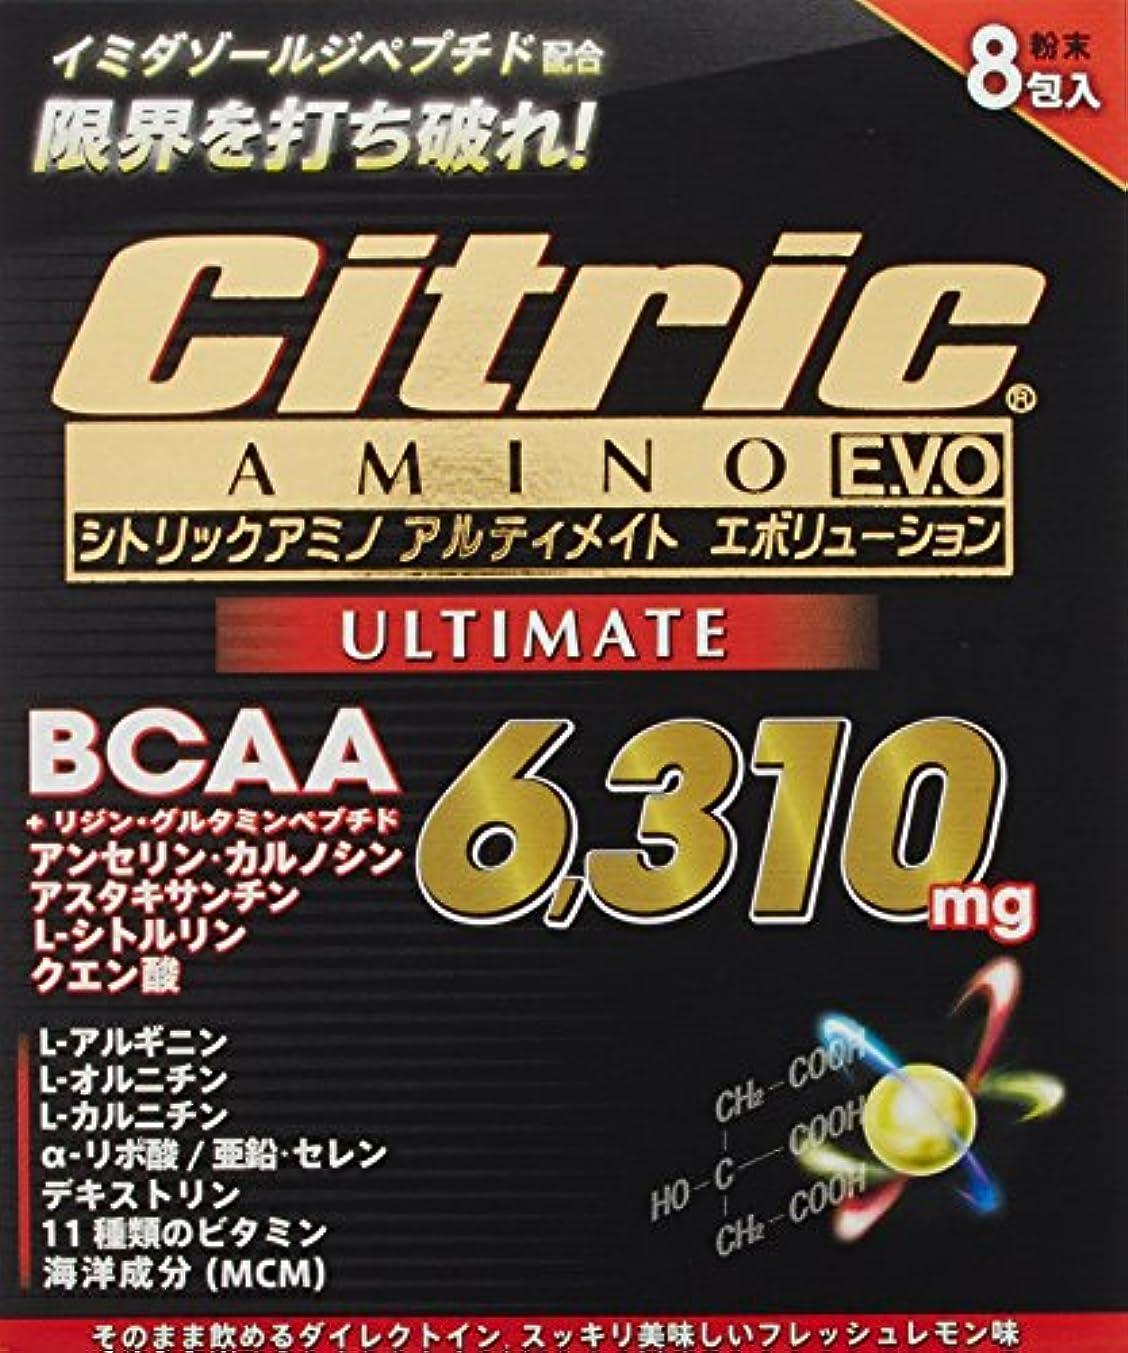 所有者感謝する印象派シトリックアミノ(Citric AMINO) (アスリート向け) アルティメイト エボリューション 7.5g×8袋入  5279